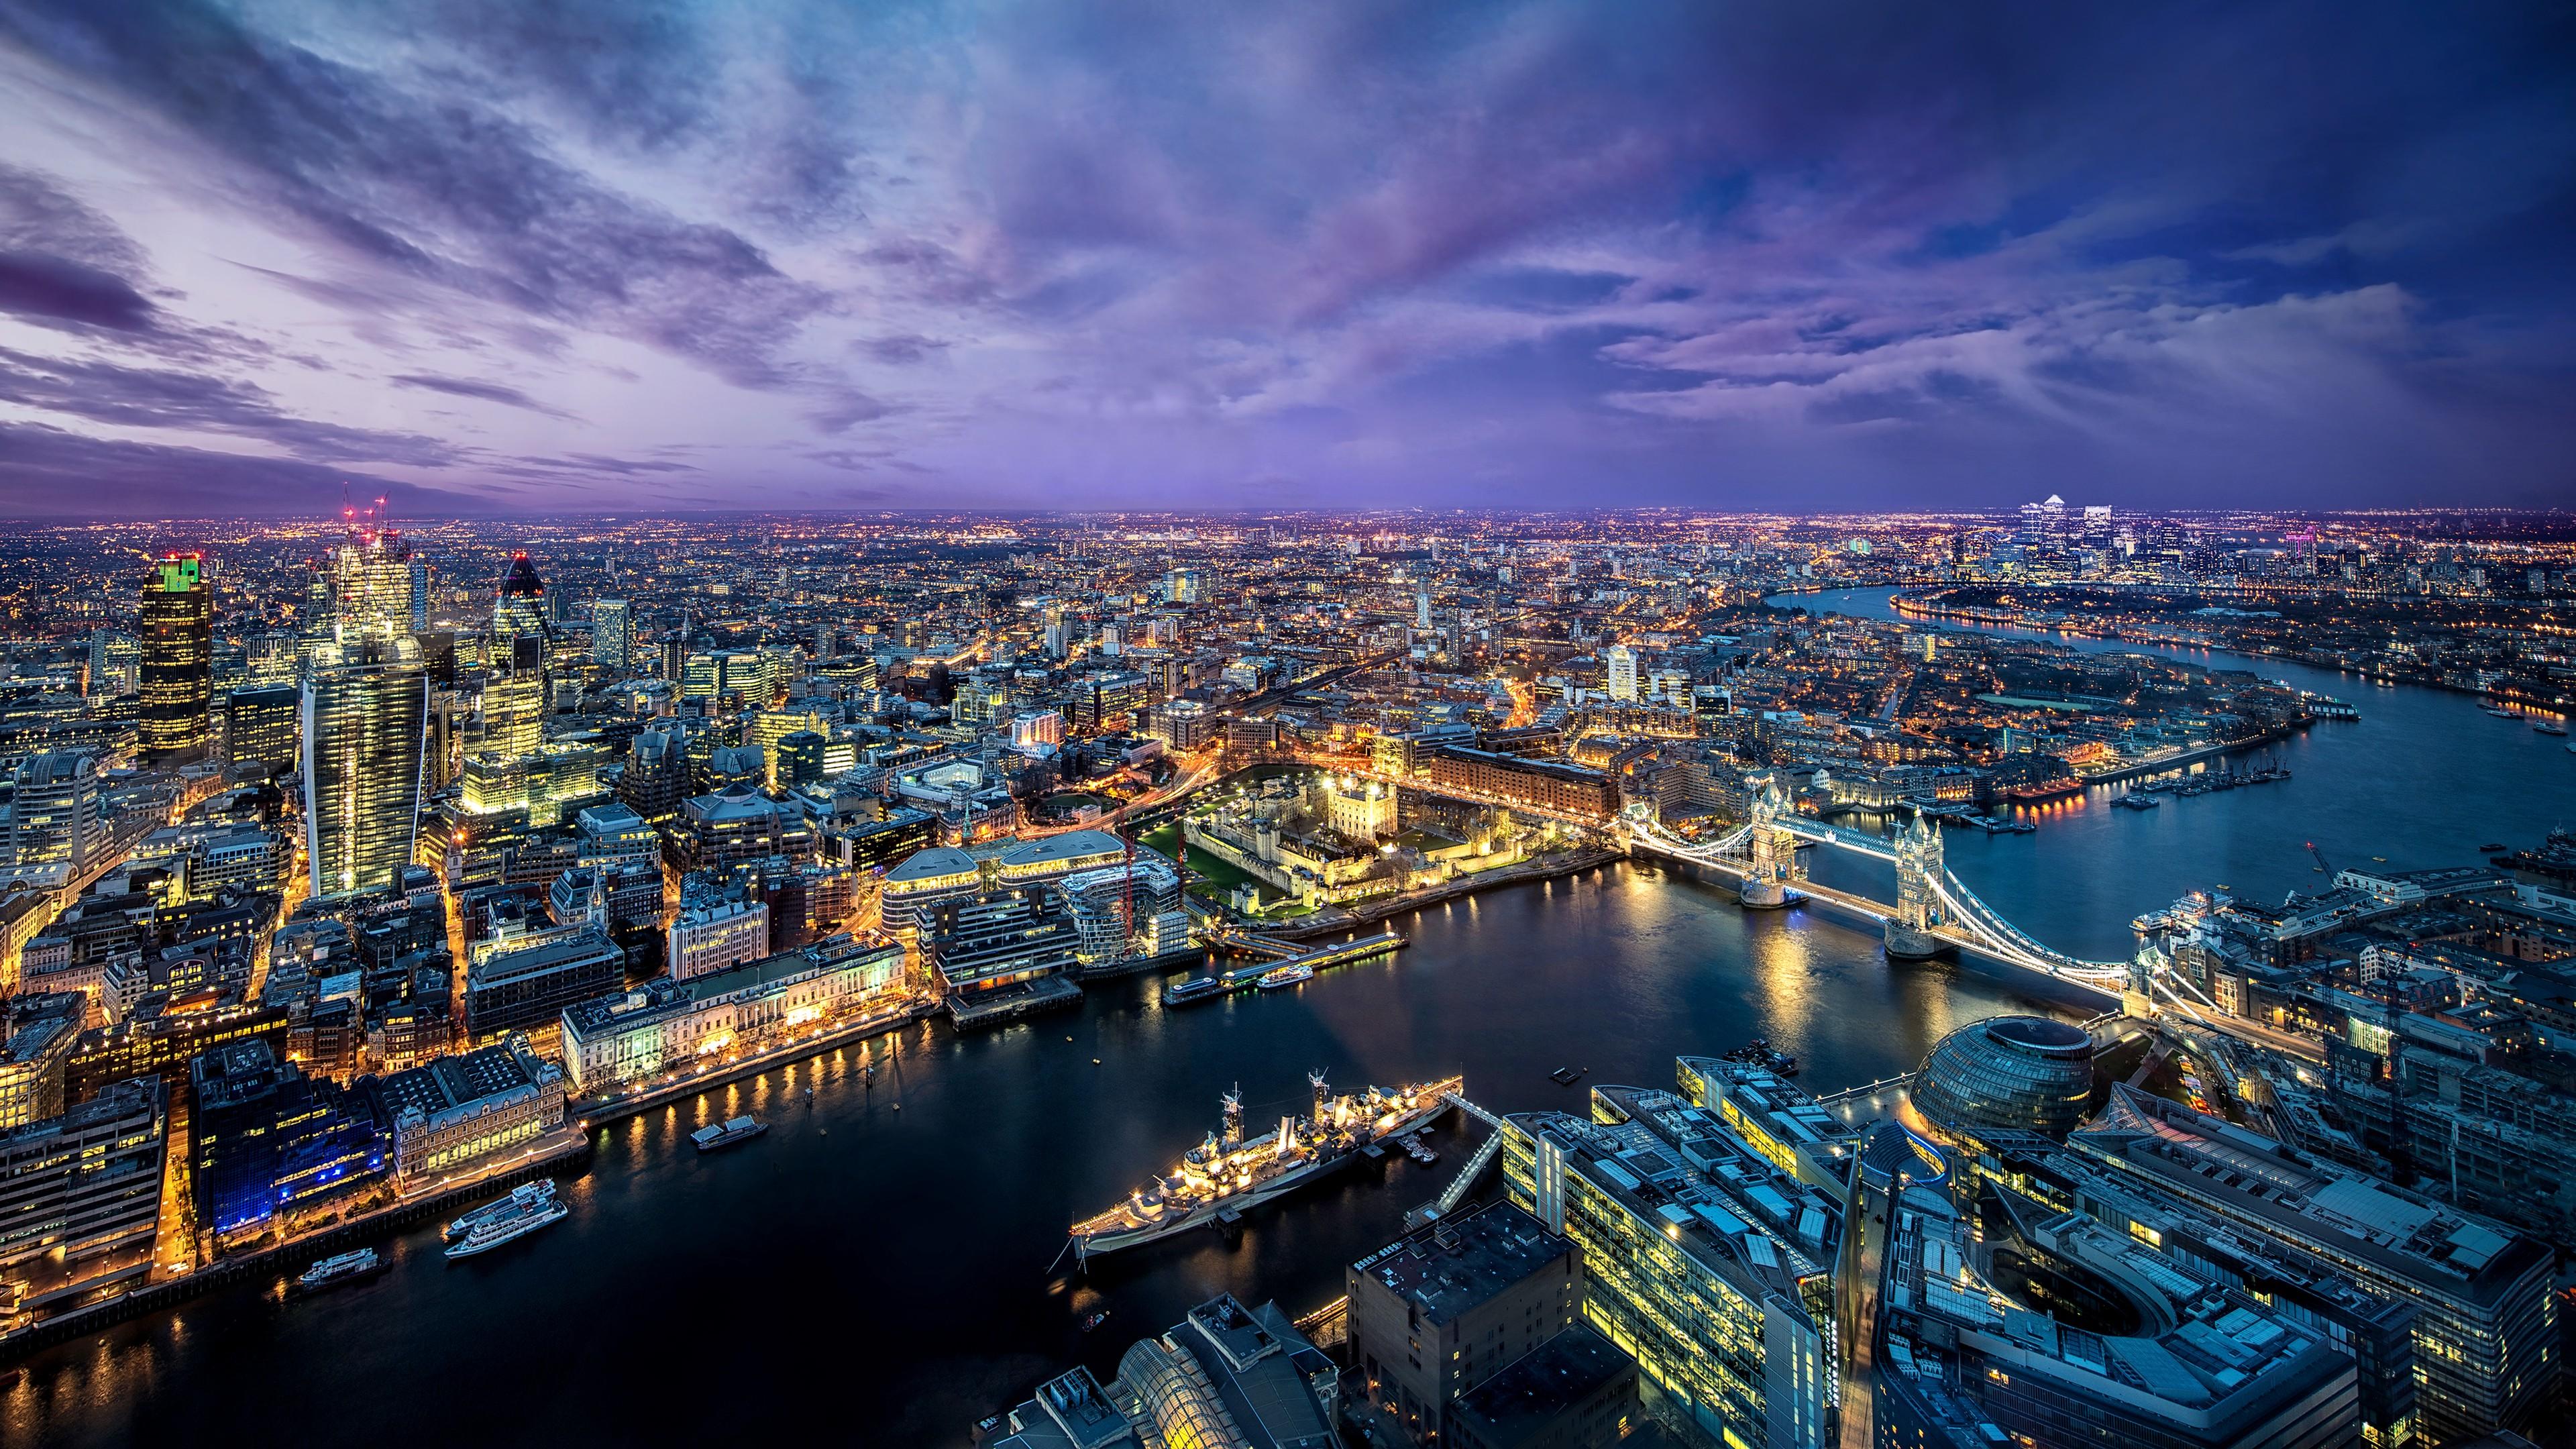 Hình nền nước Anh lúc về đêm